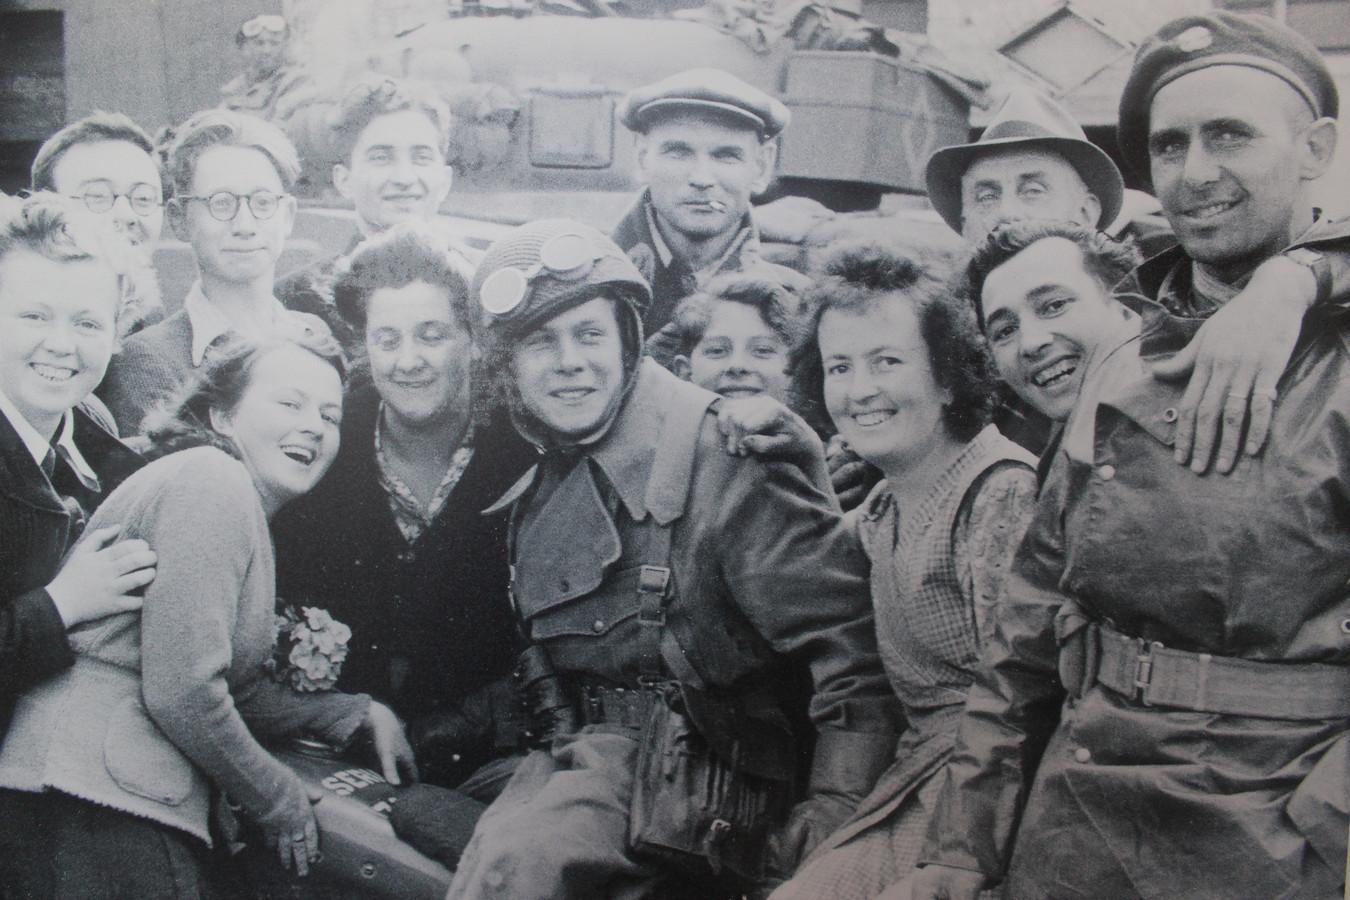 Een beeld van een bevrijdingsfeest van 75 jaar geleden.